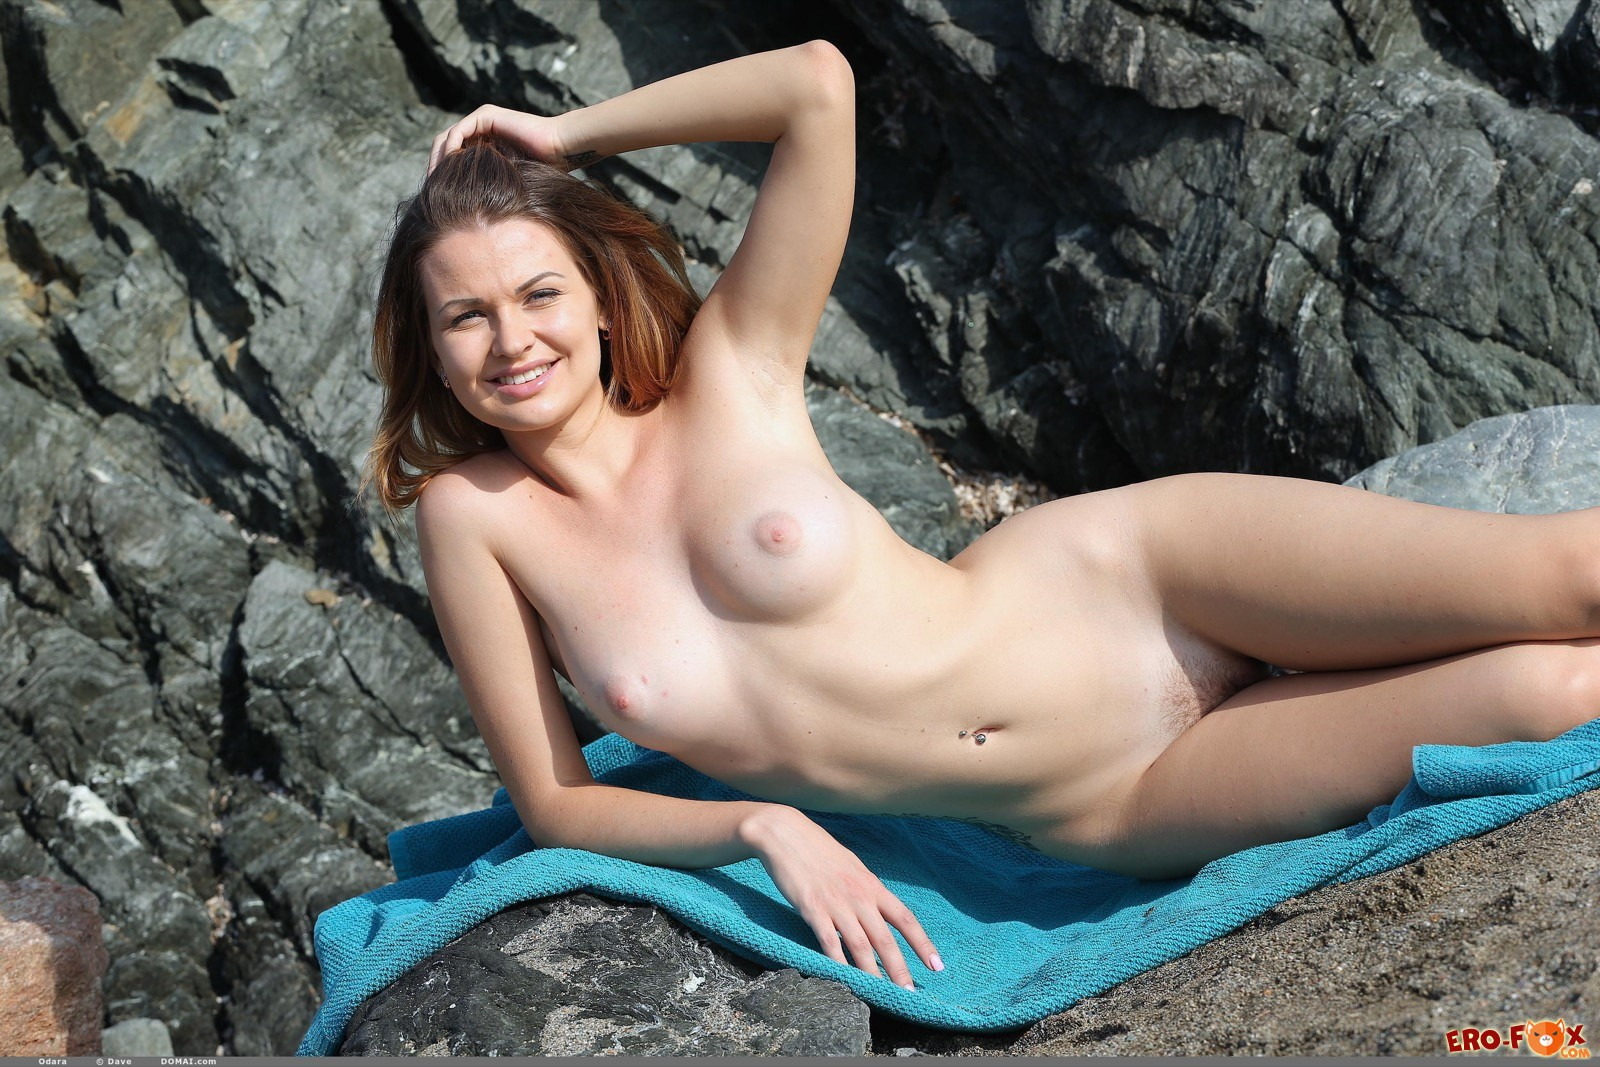 Раздевание от сексуальной девушки на природе